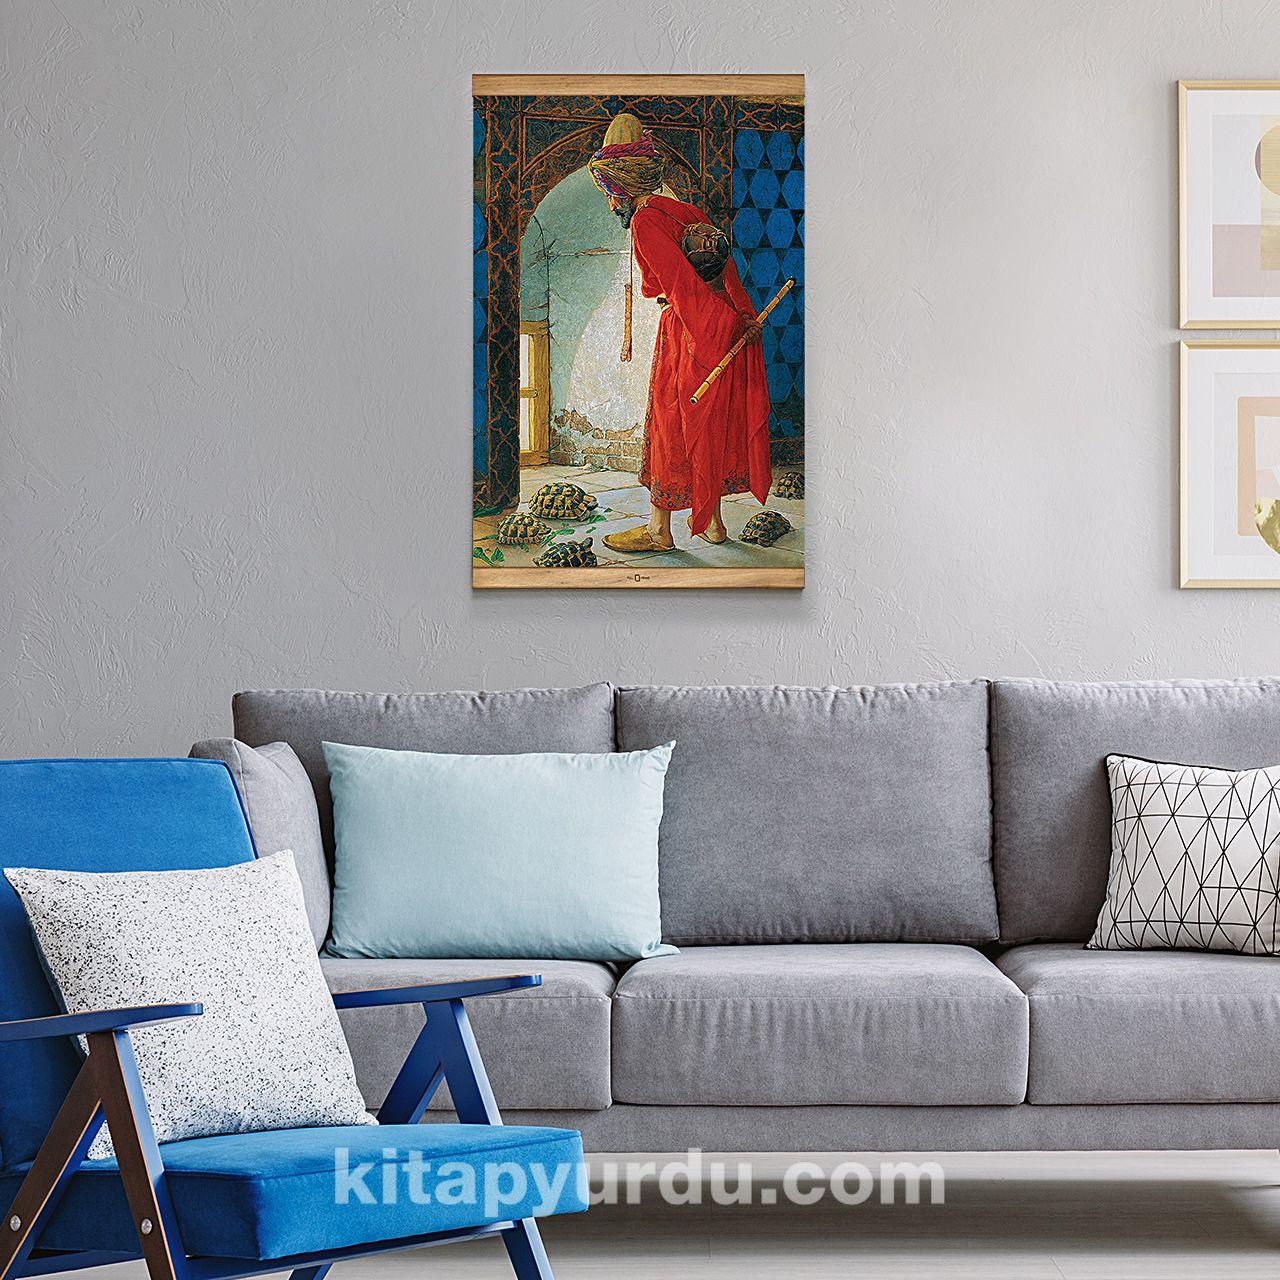 Full Frame Kanvas Poster Kaplumbaga Terbiyecisi Sapelli Ffs